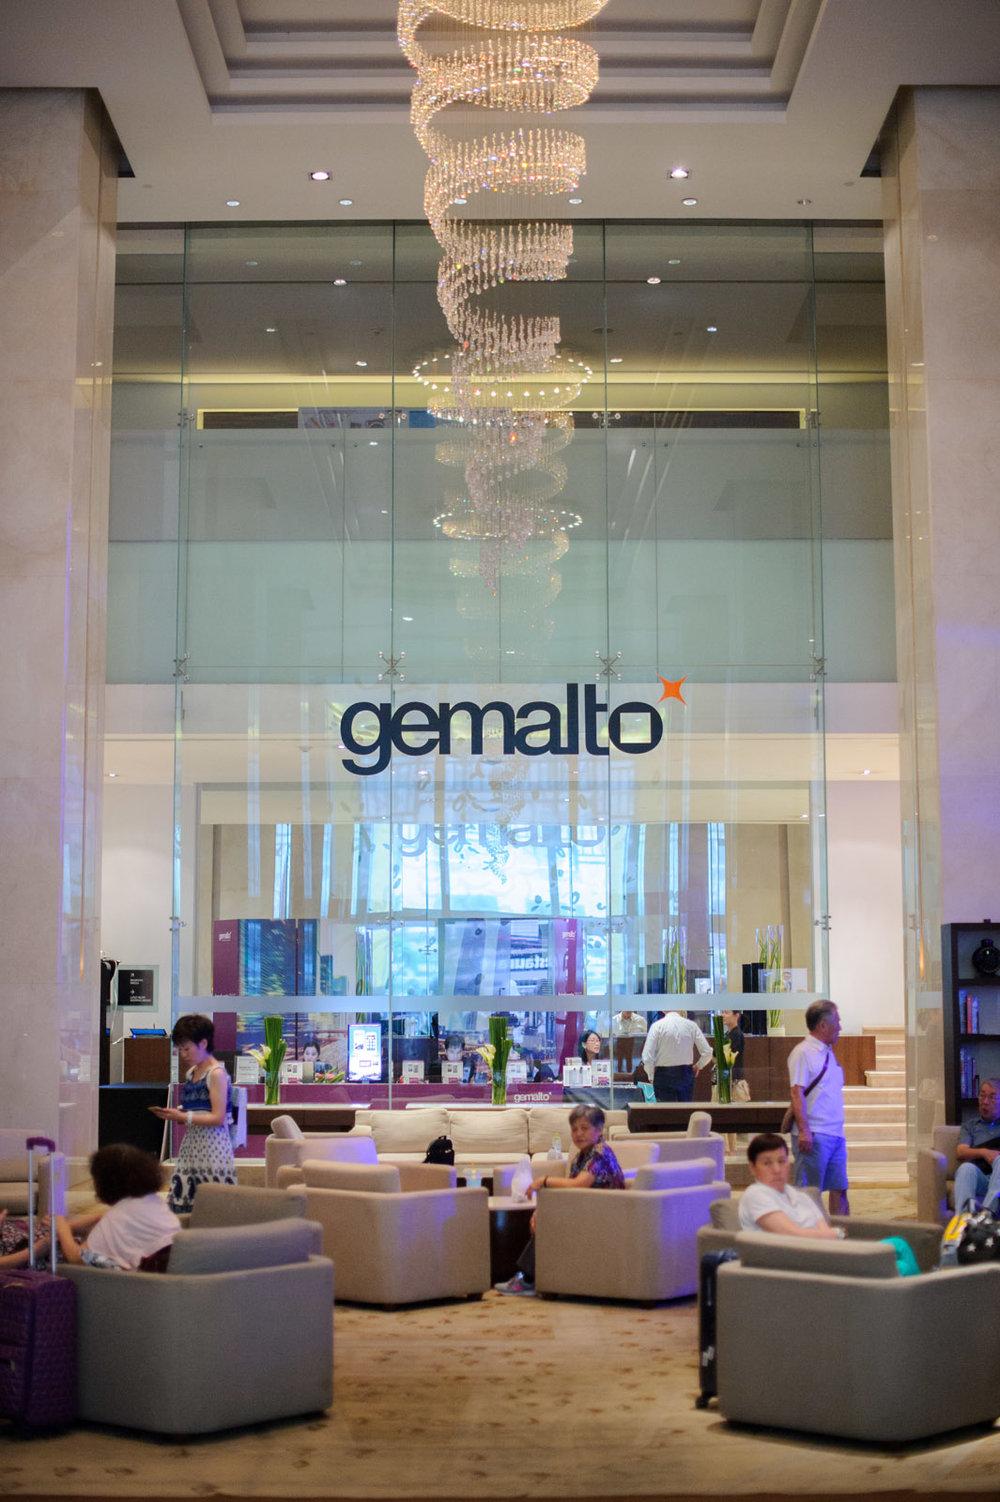 Gemalto-7.jpg